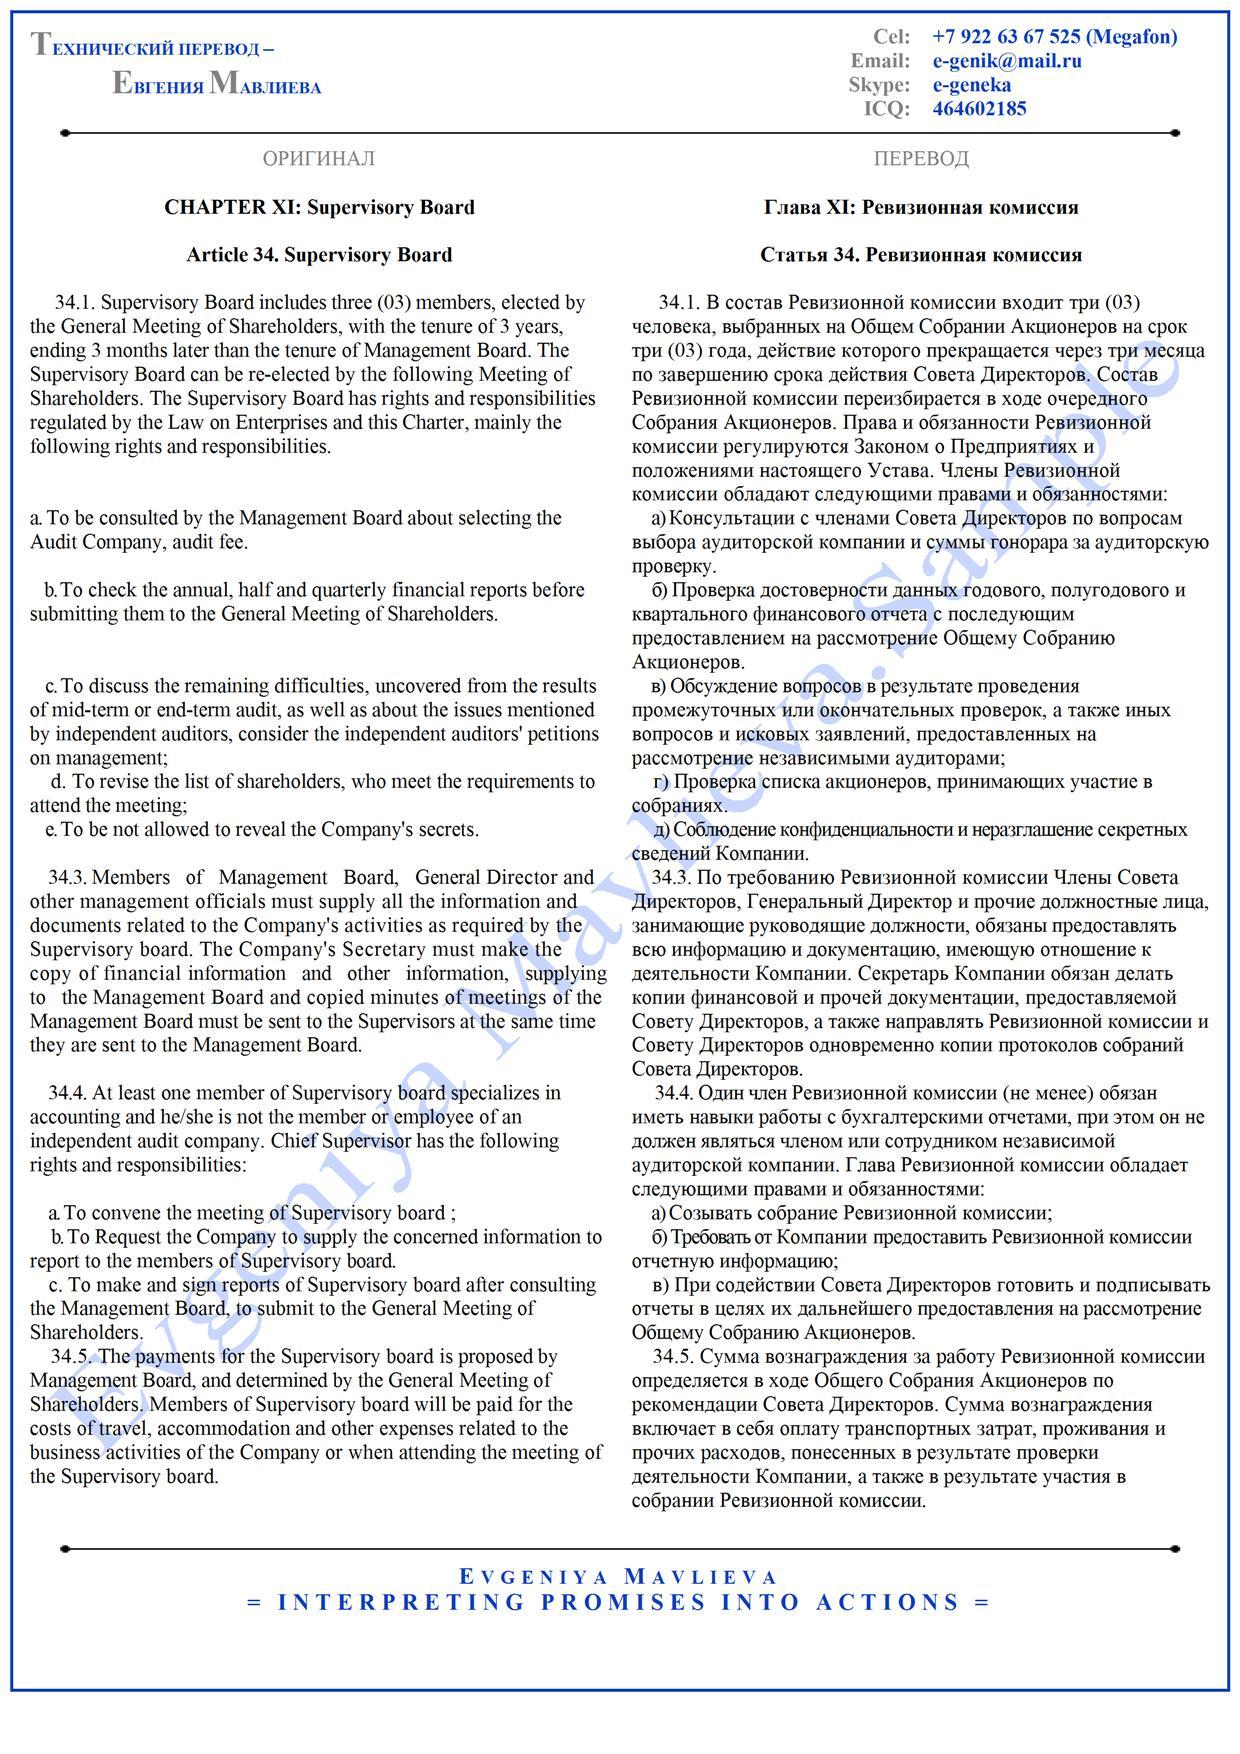 Устав предприятия_EN>RU